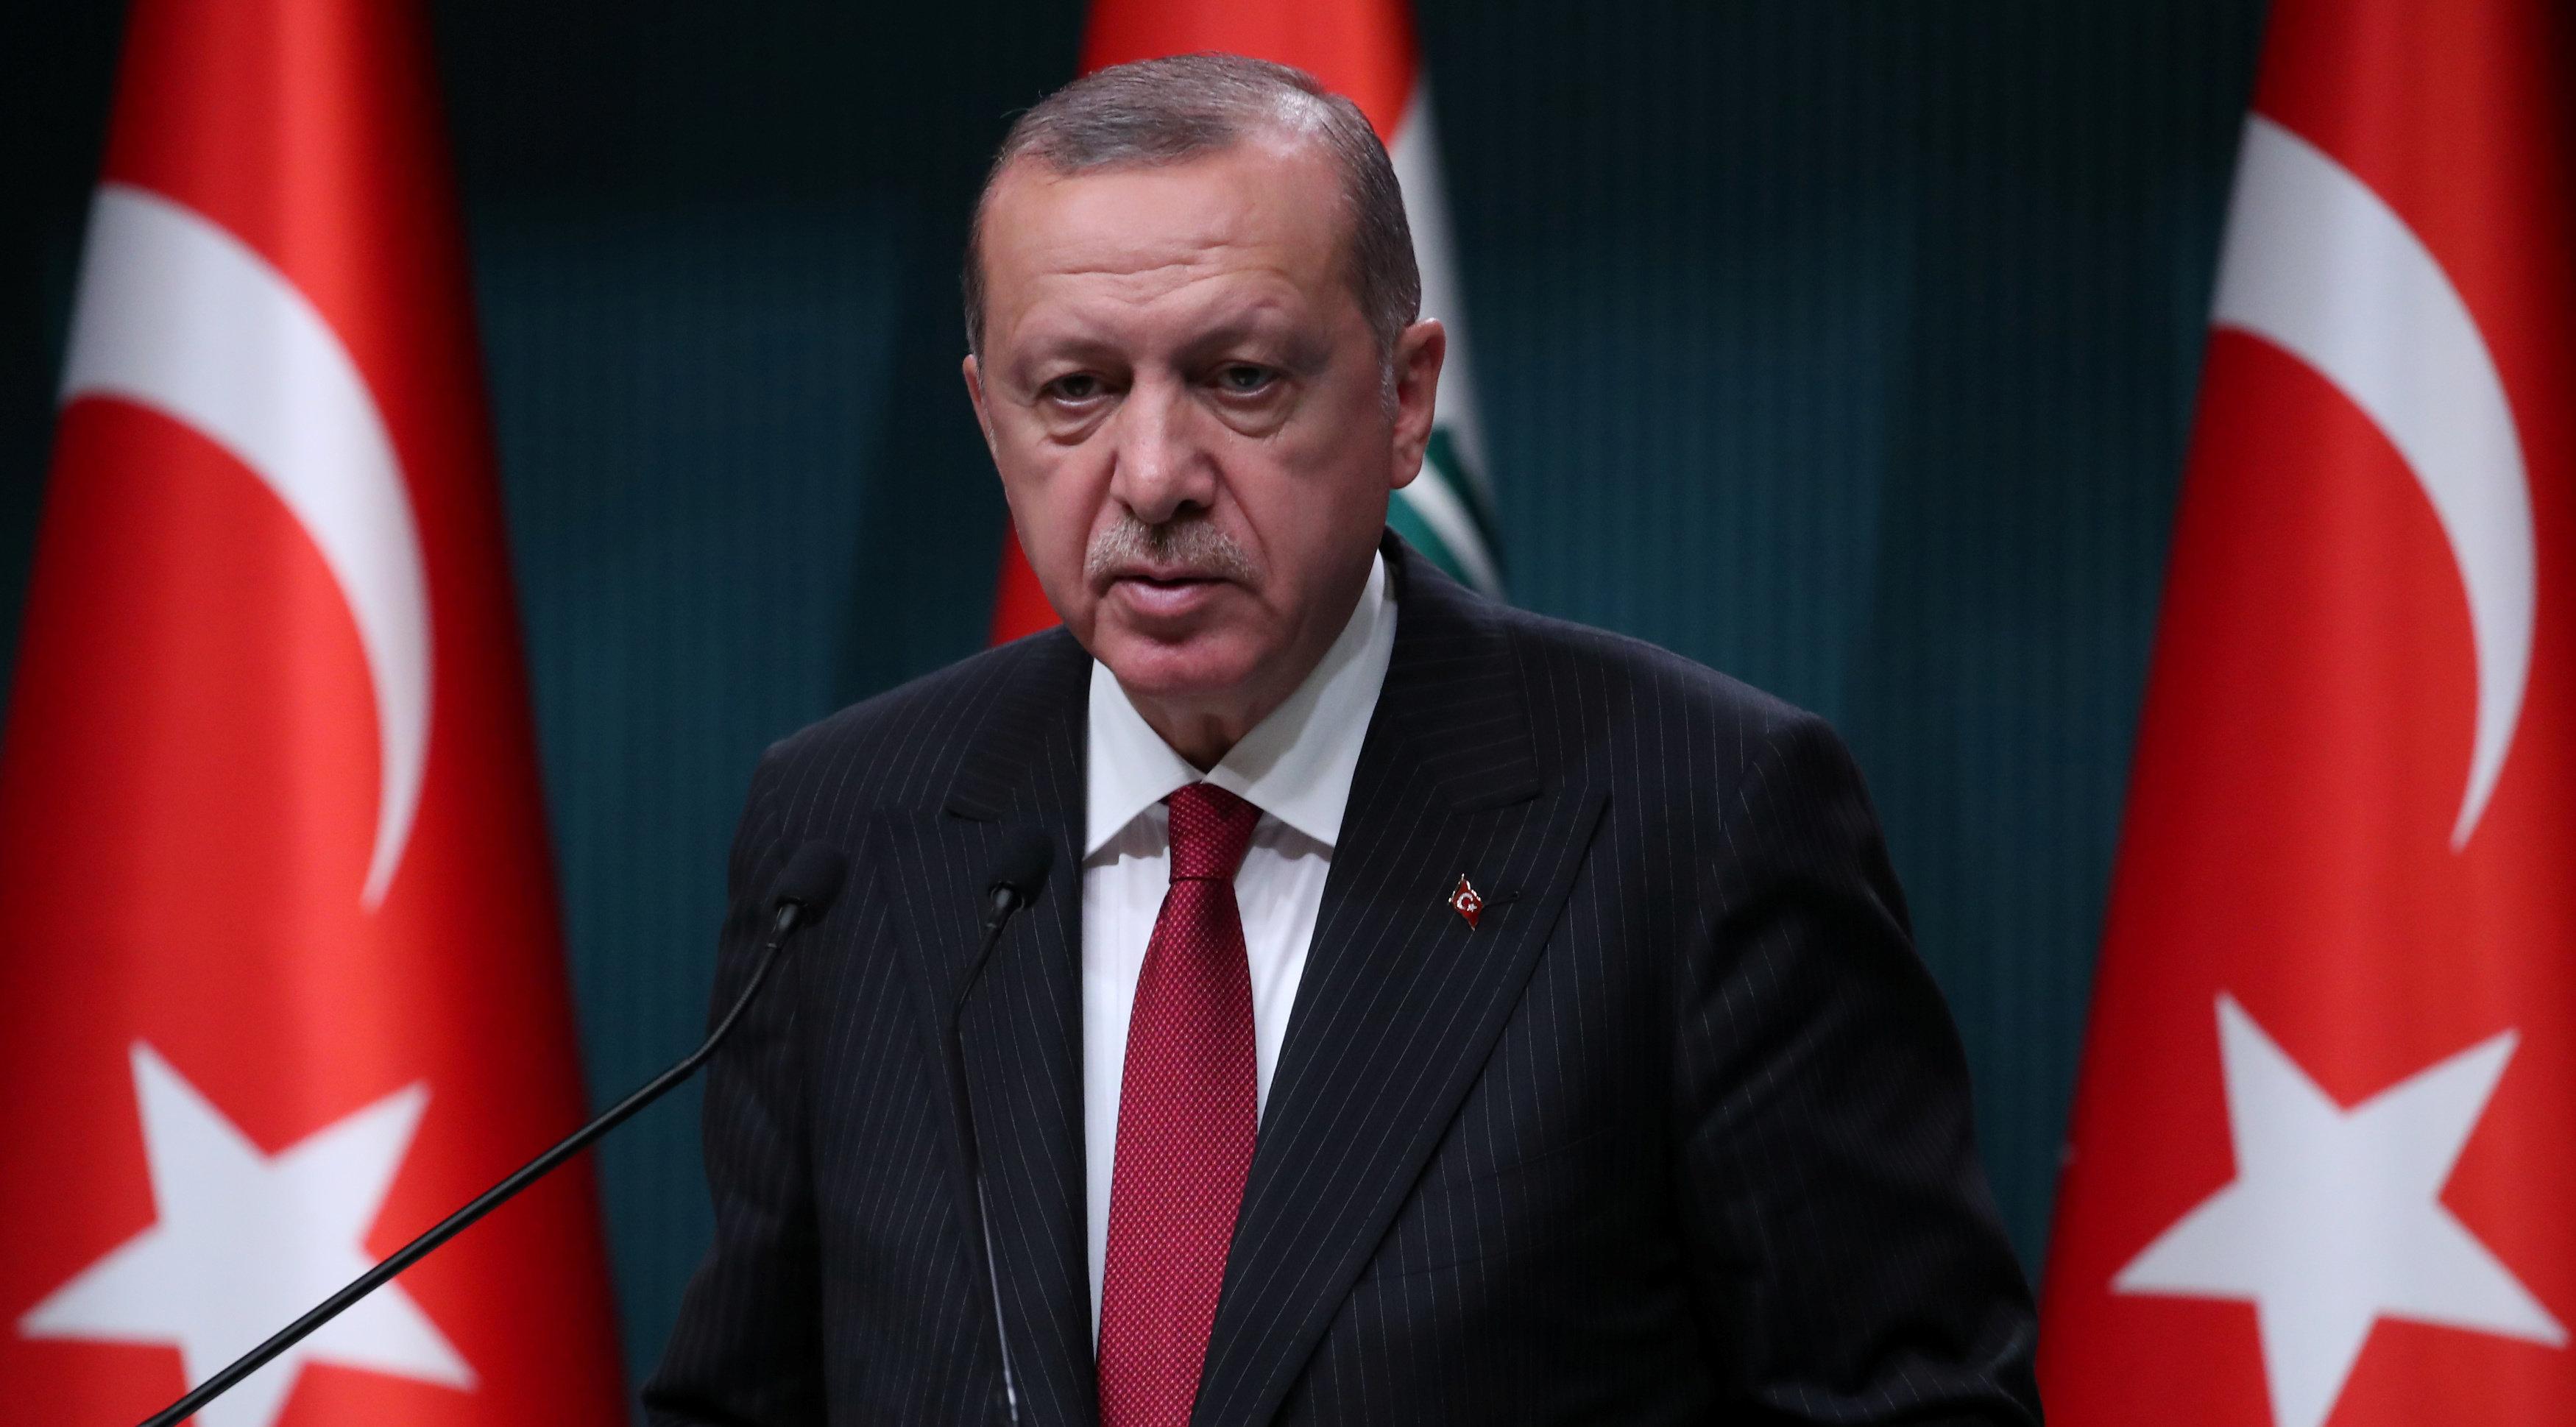 Recep Tayyip Erdoğan et le taux